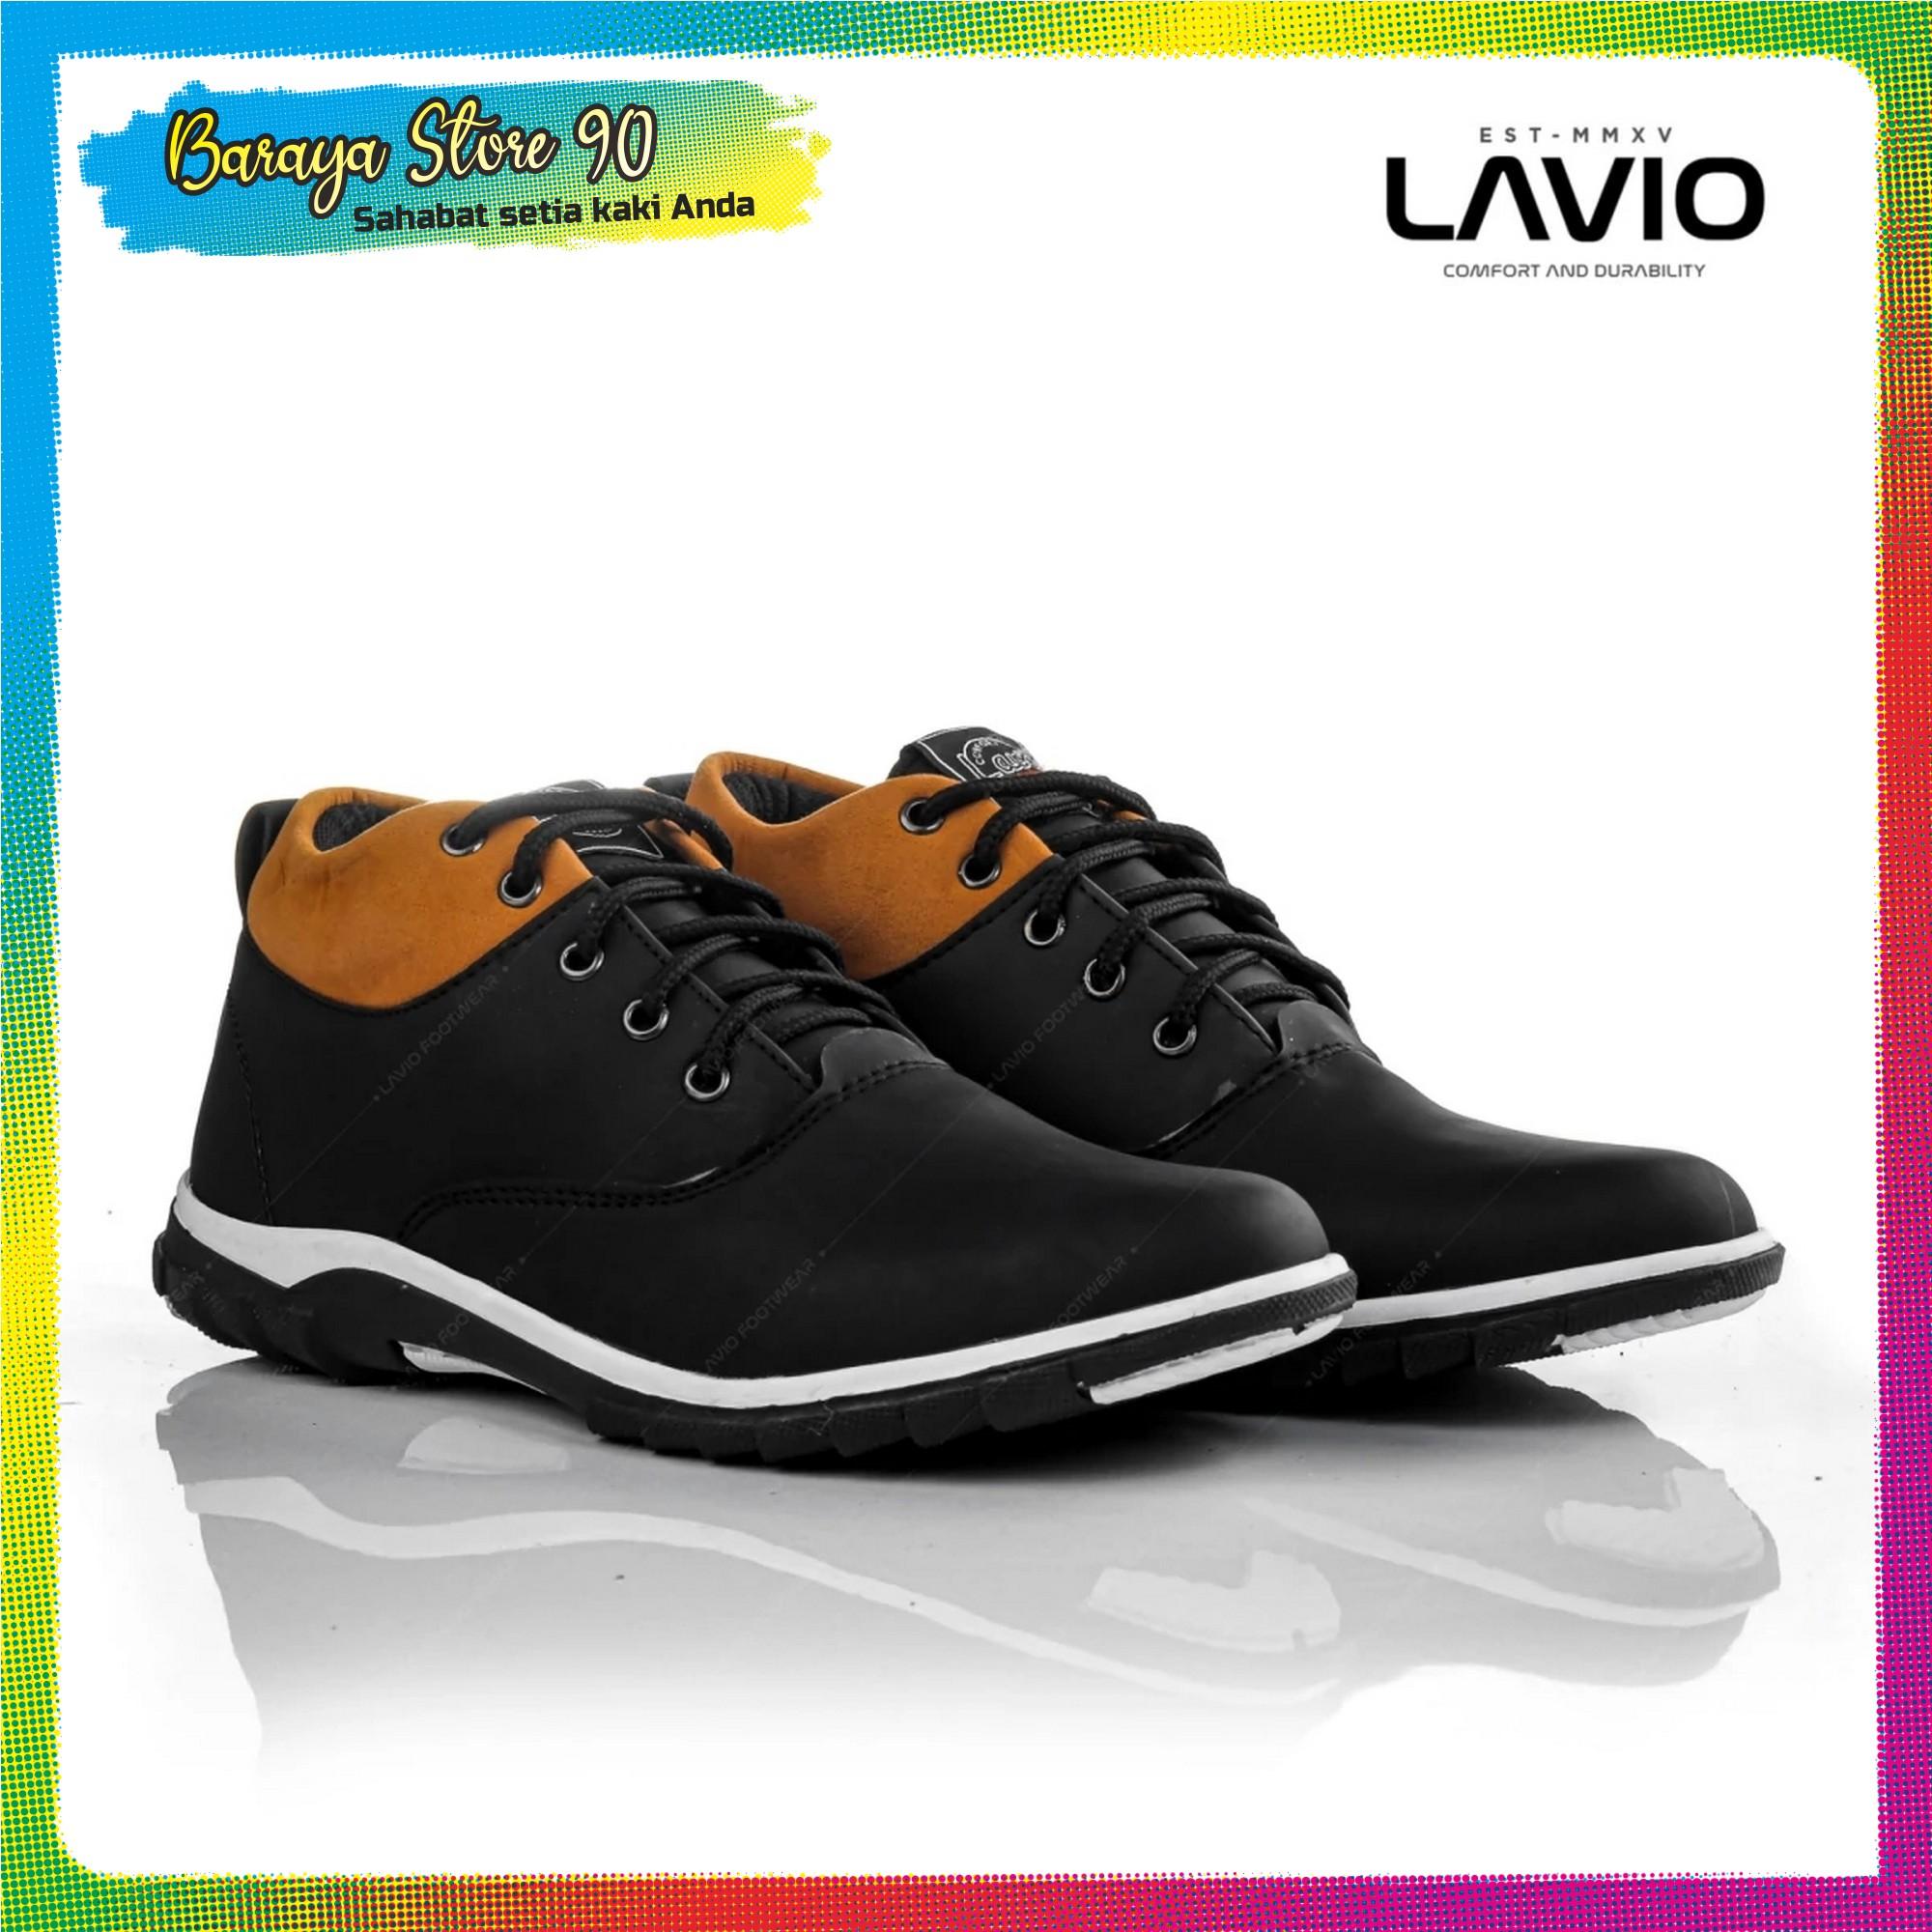 sepatu casual formal pria sneakers anak muda keren  original lavio mozka bandung proses handmade cocok untuk kantoran kuliah